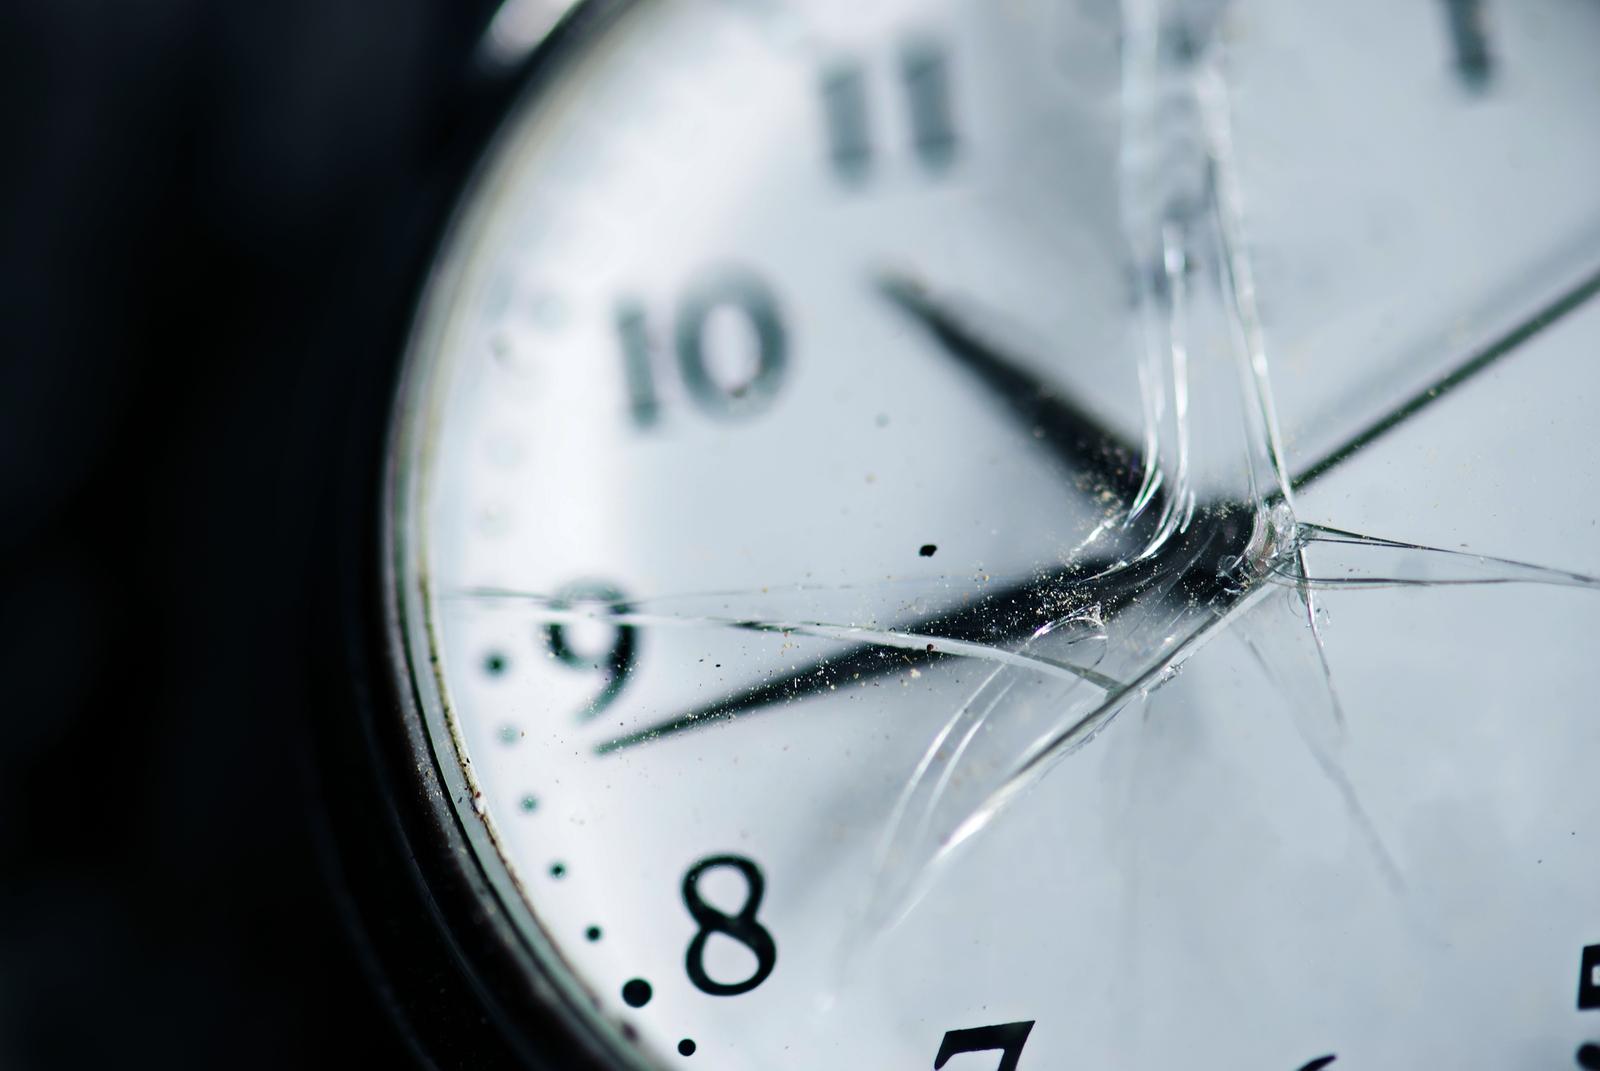 Разбитый хронометр наручного типа предвещает череду острых неудач.